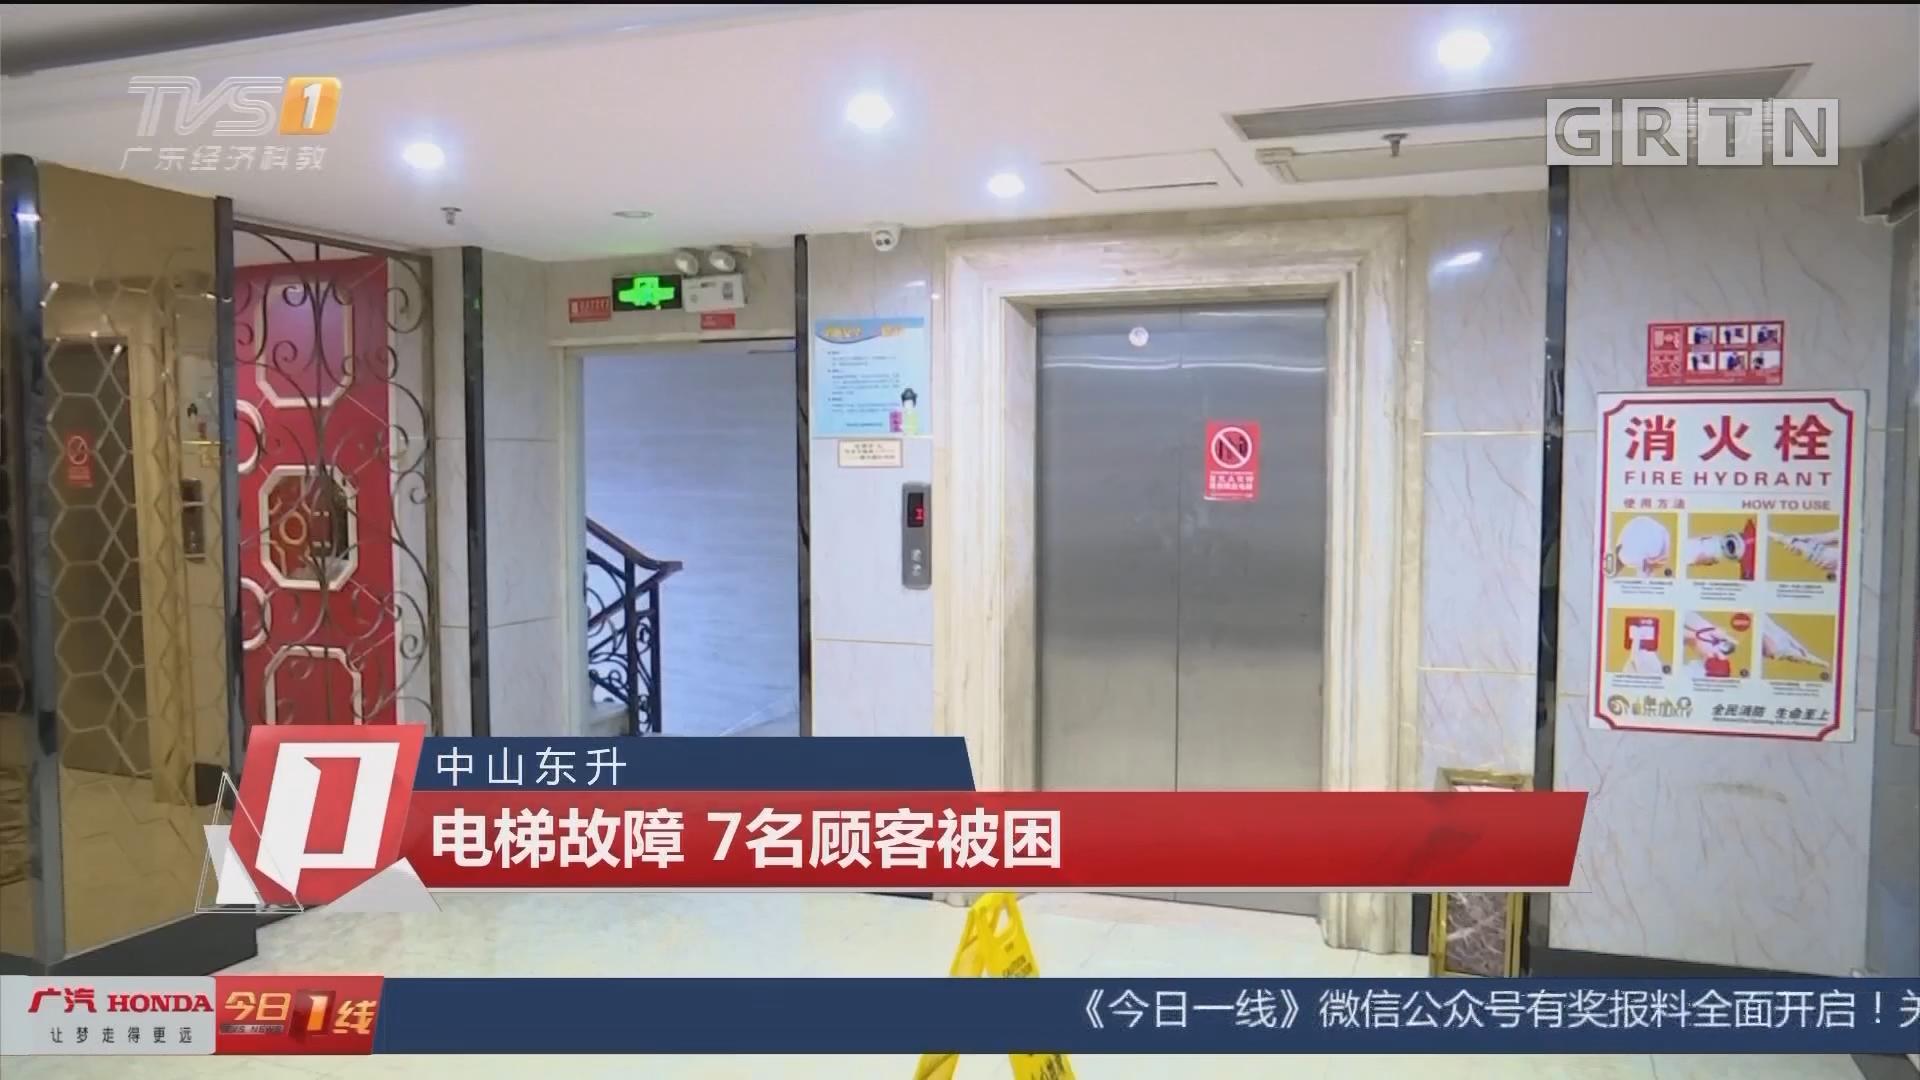 中山东升 电梯故障 7名顾客被困